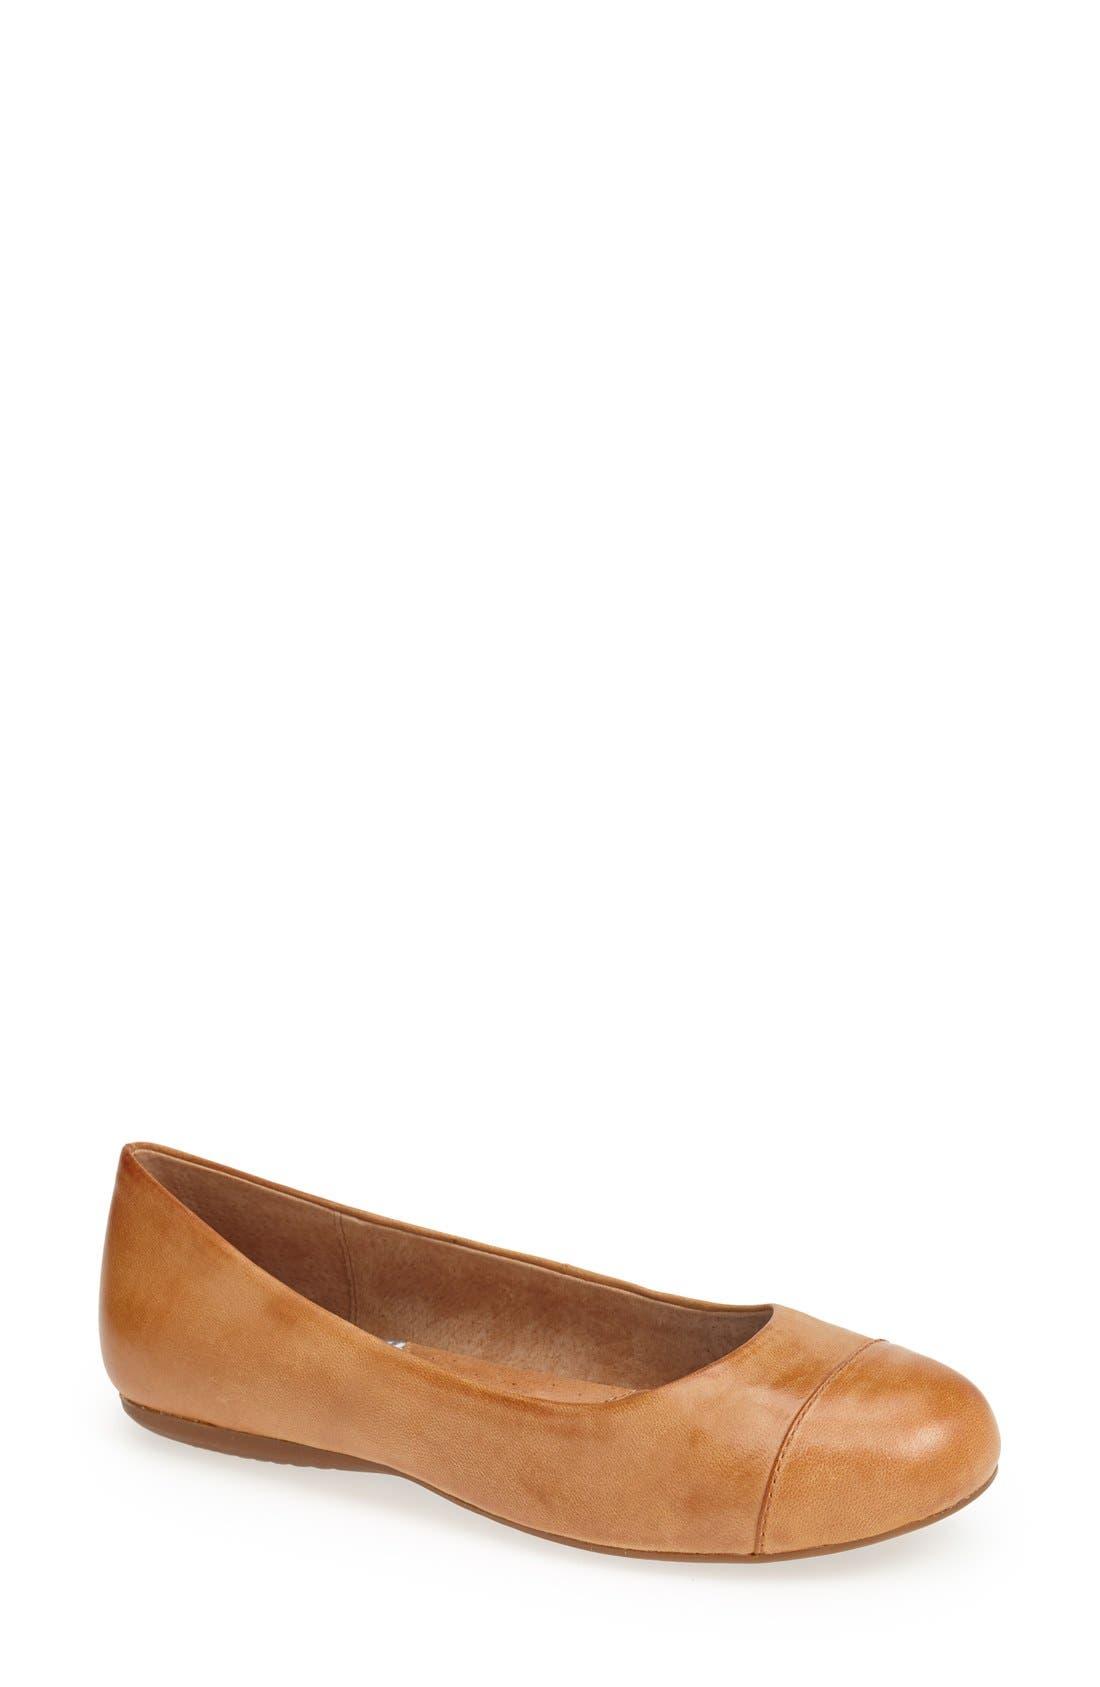 'Napa' Flat,                         Main,                         color, Tan Leather